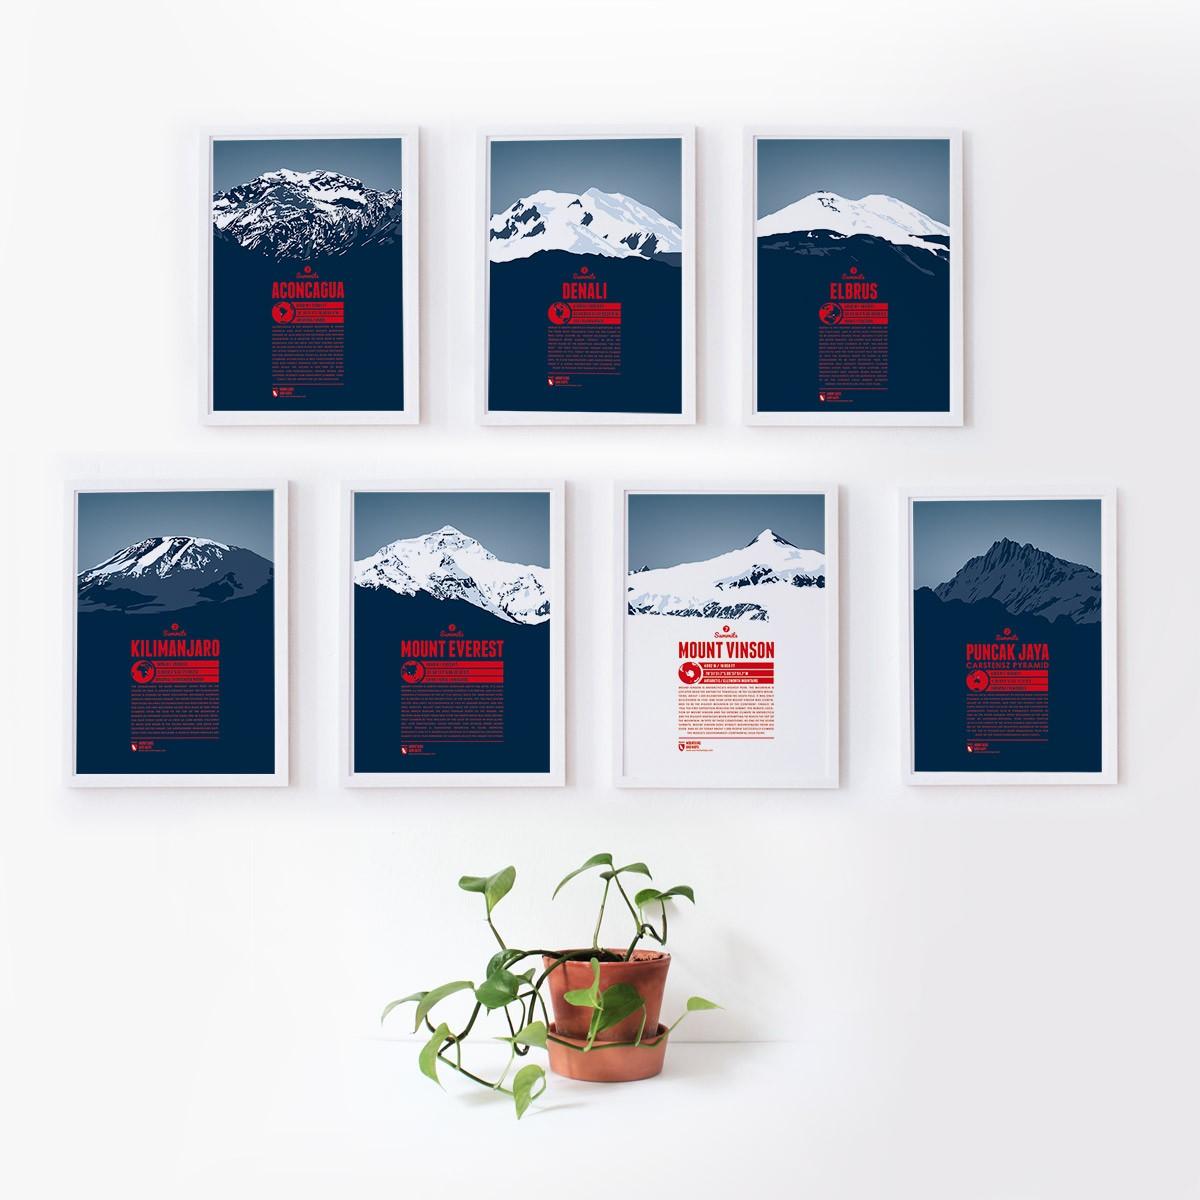 Aconcagua - Bergdruck